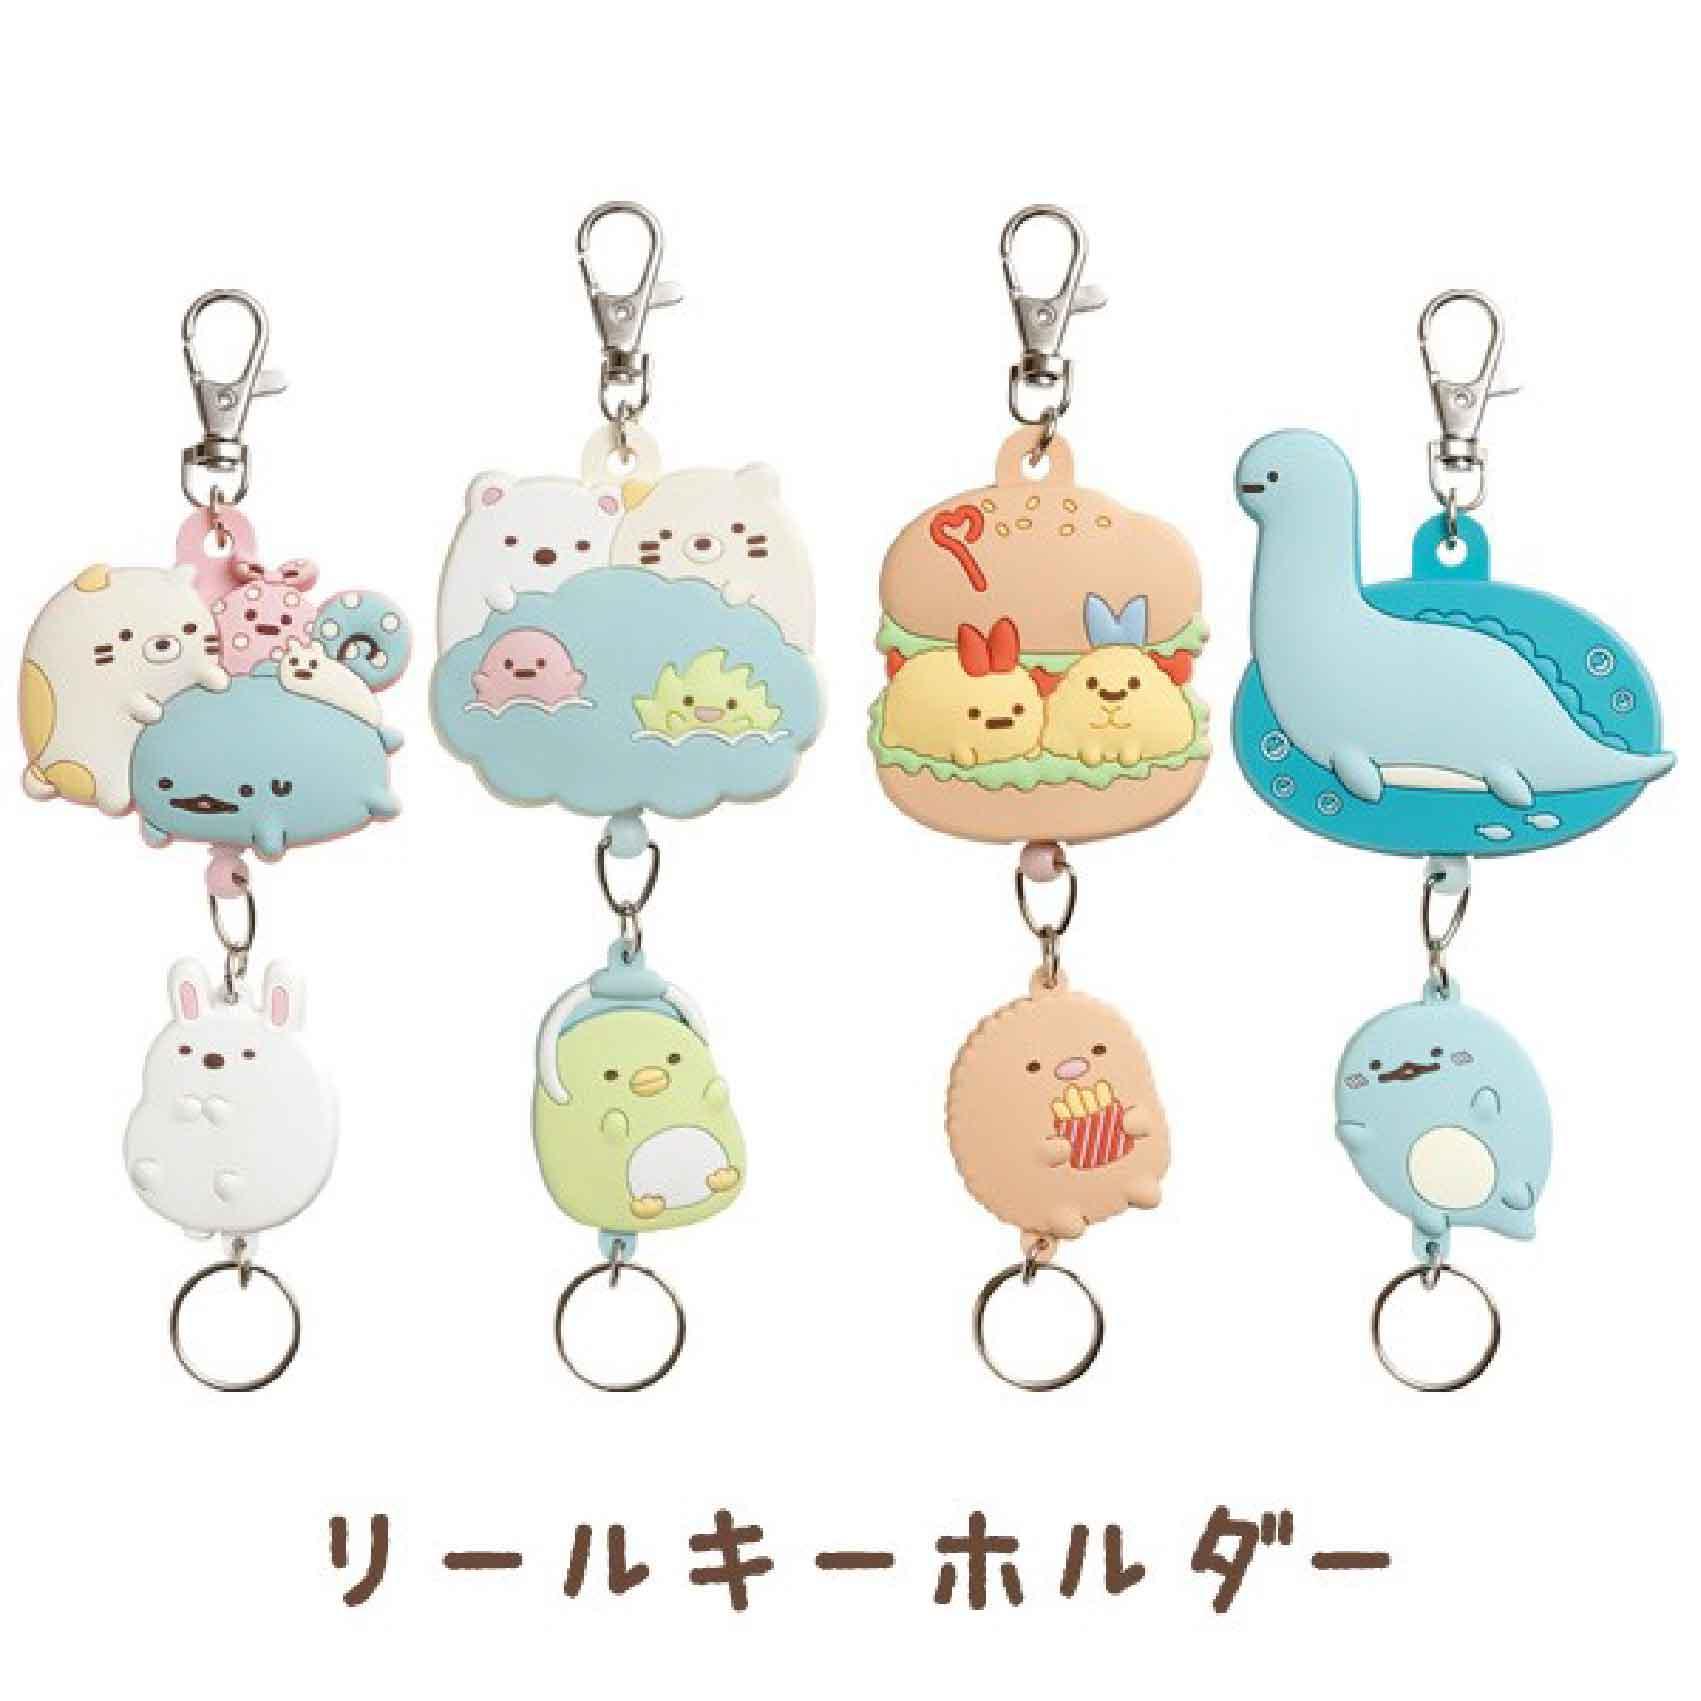 【角落生物伸縮扣環】角落生物 伸縮 扣環 票卡環 鑰匙圈 日本正品 該該貝比日本精品